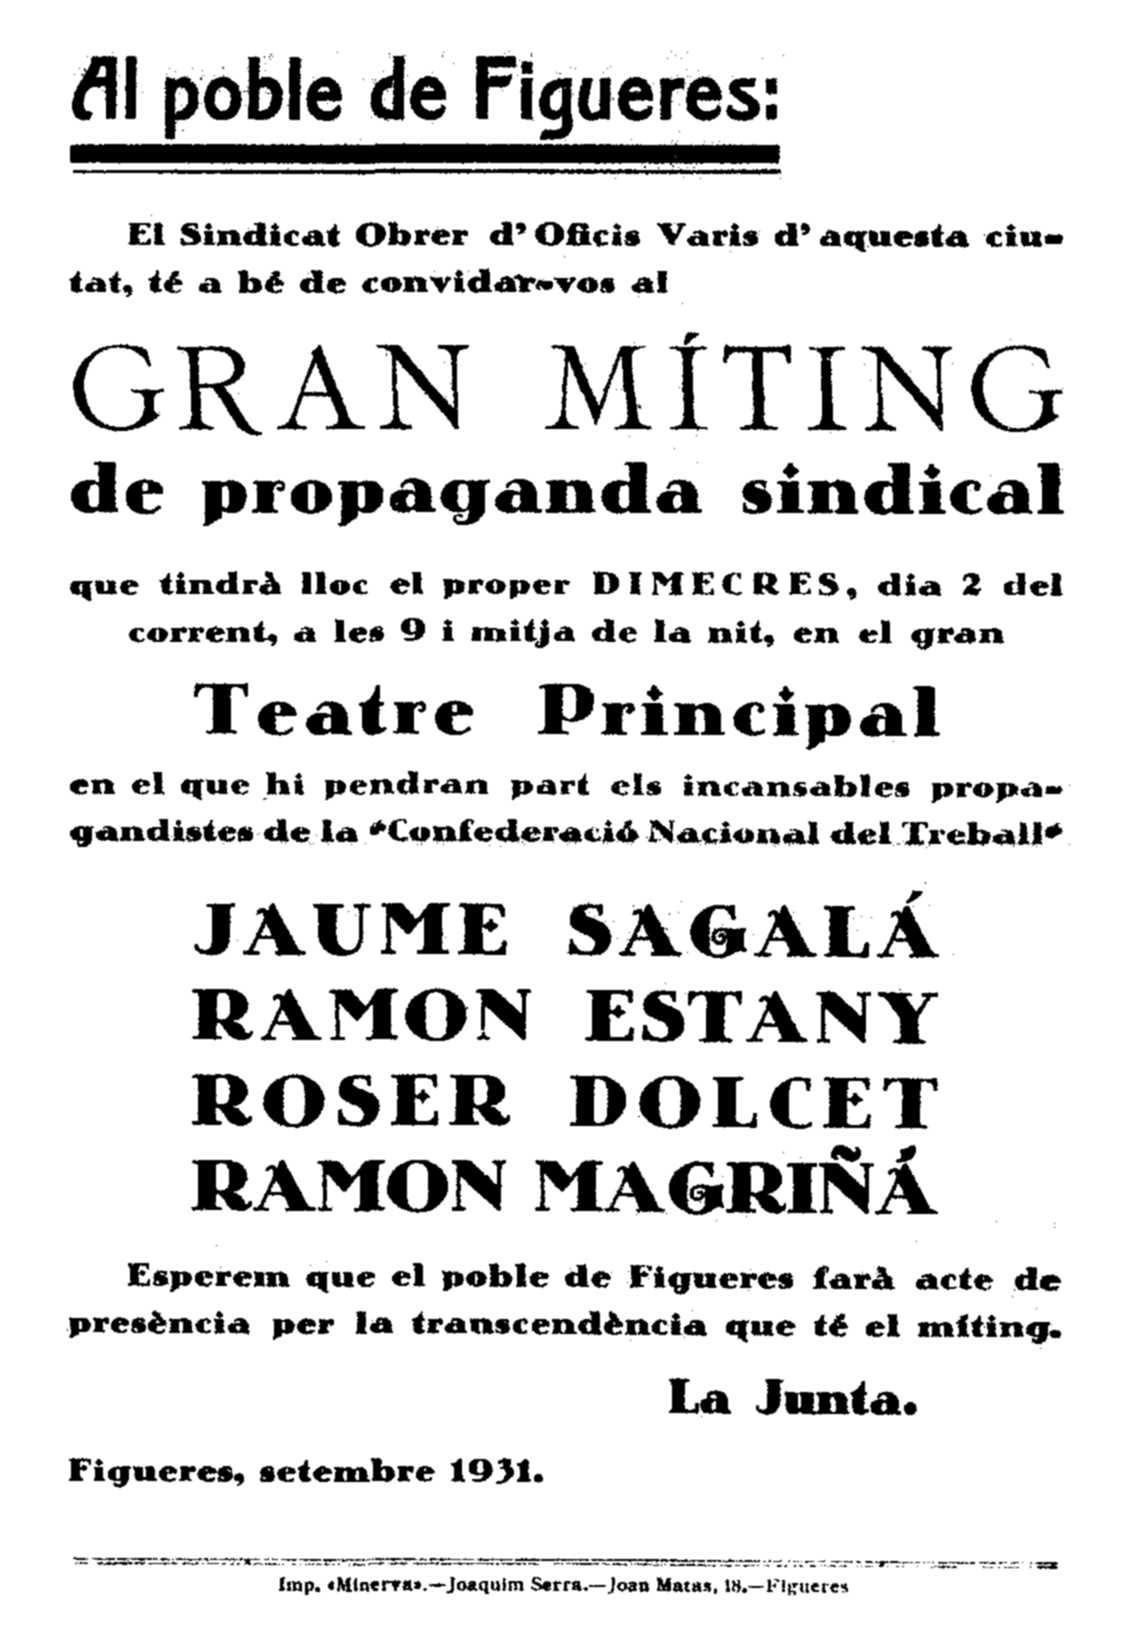 Acte on parlà Rosario Dulcet (2 de setembre de 1931)